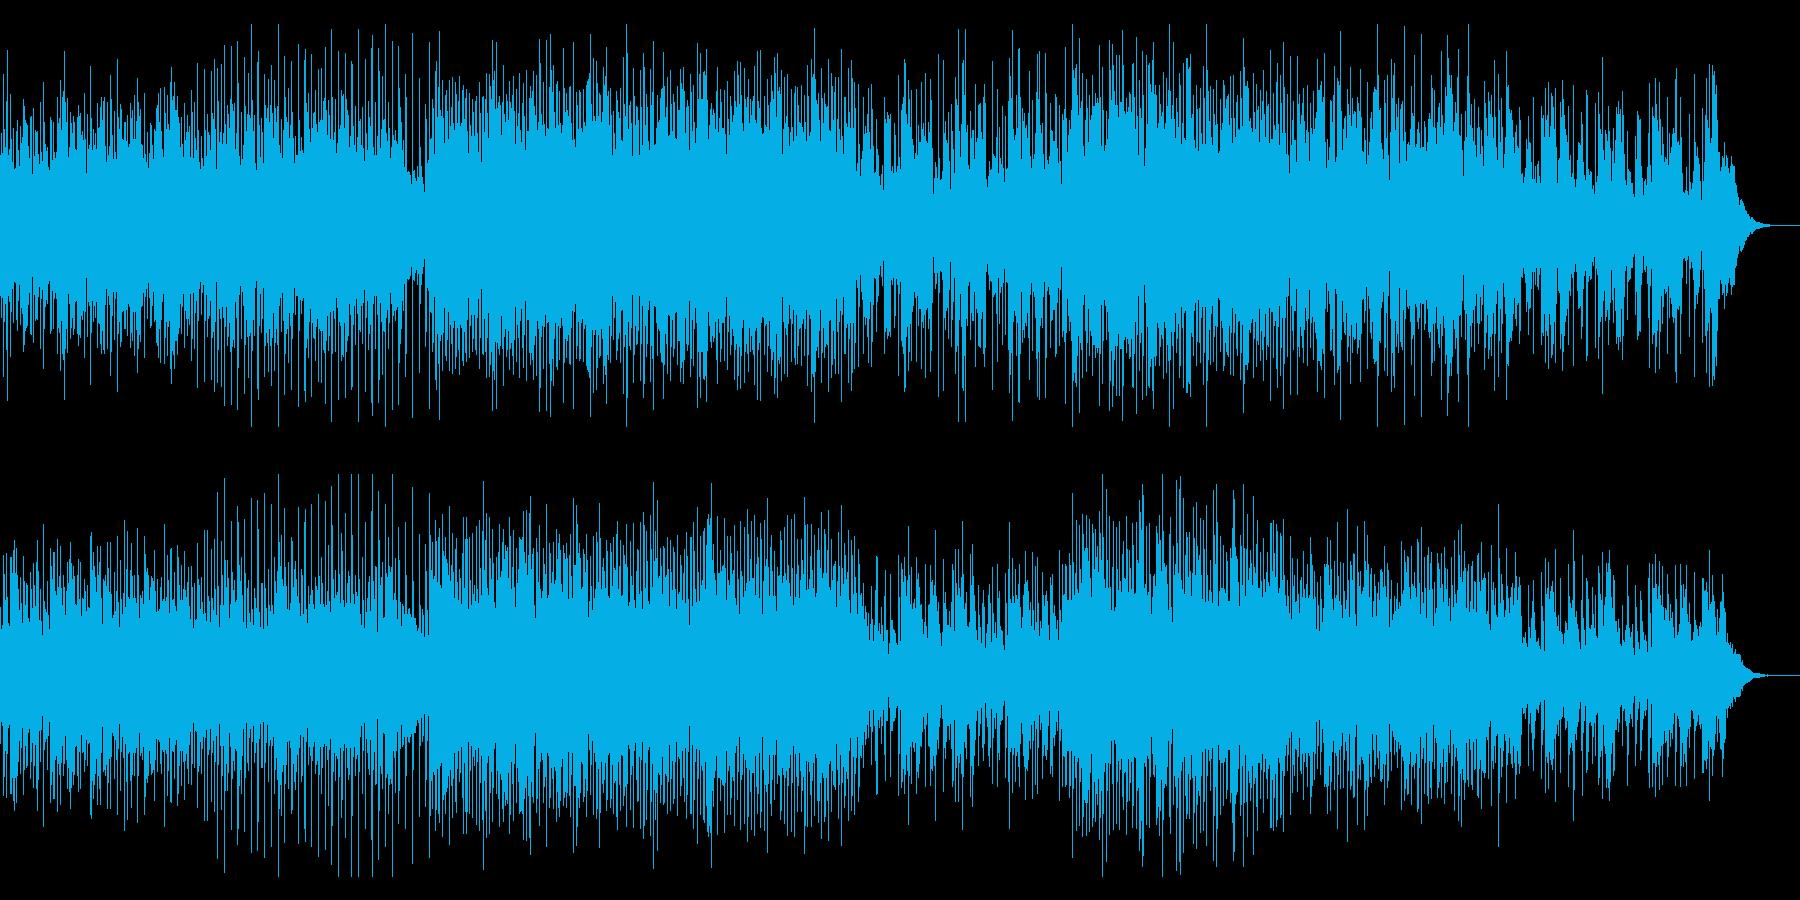 テンポの良い水中の不思議なBGMの再生済みの波形